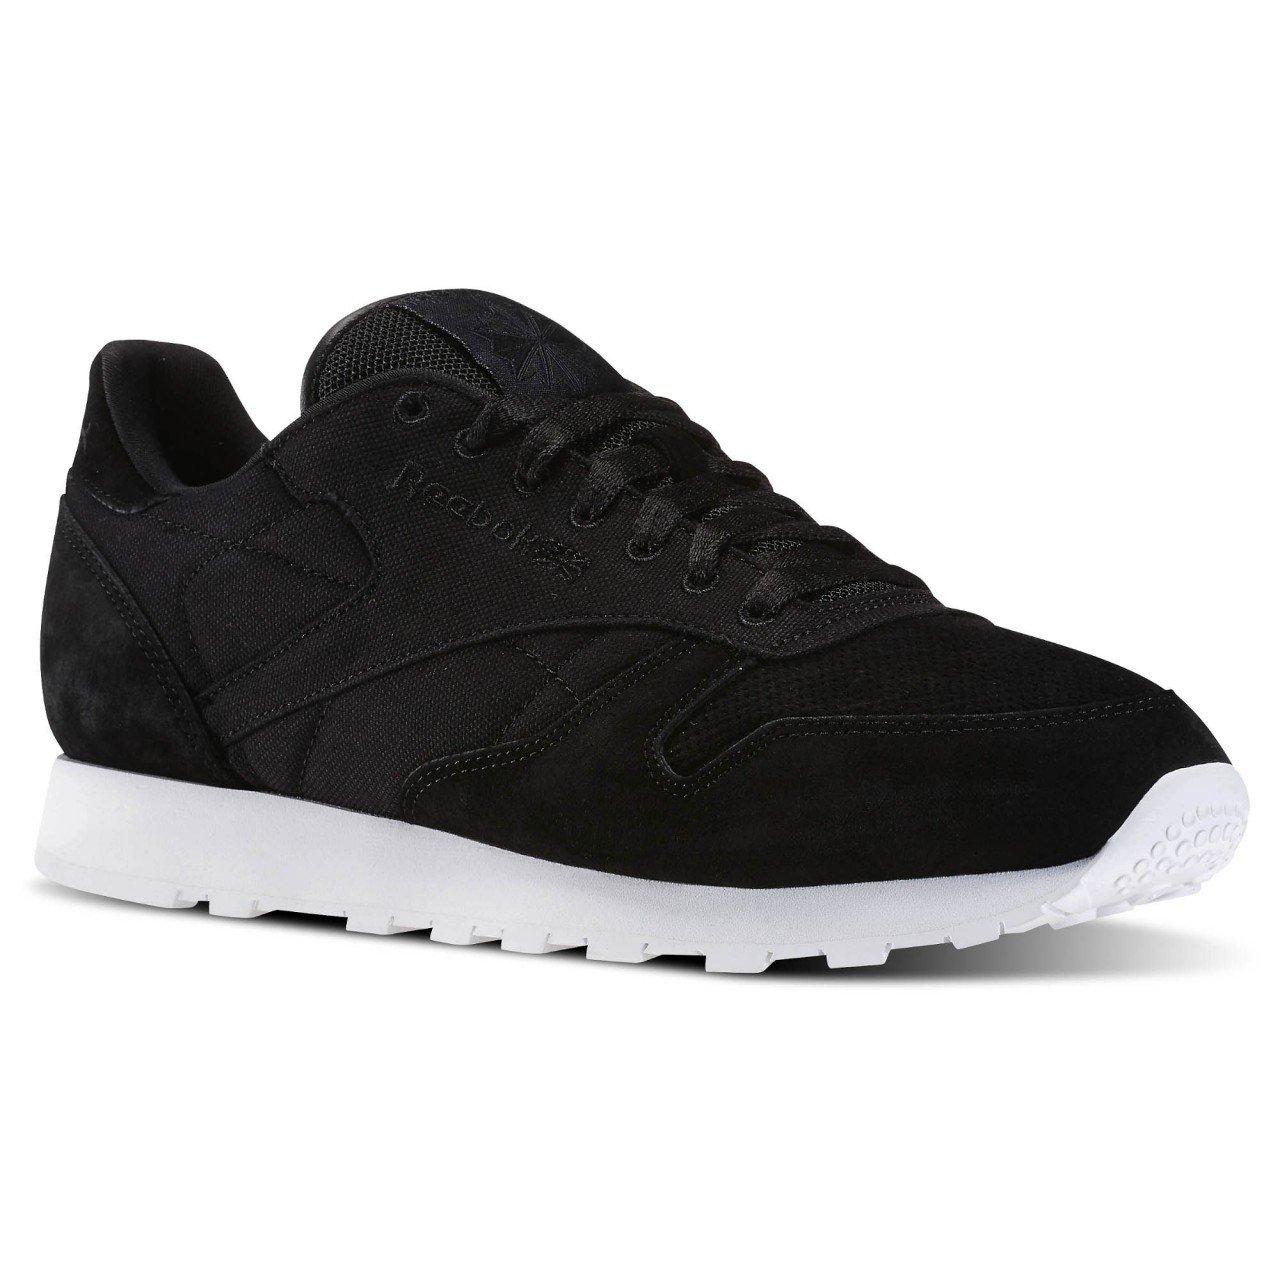 Reebok Cl Leather Cc Cc Cc - schwarz Weiß, Größe 11 4aefe6